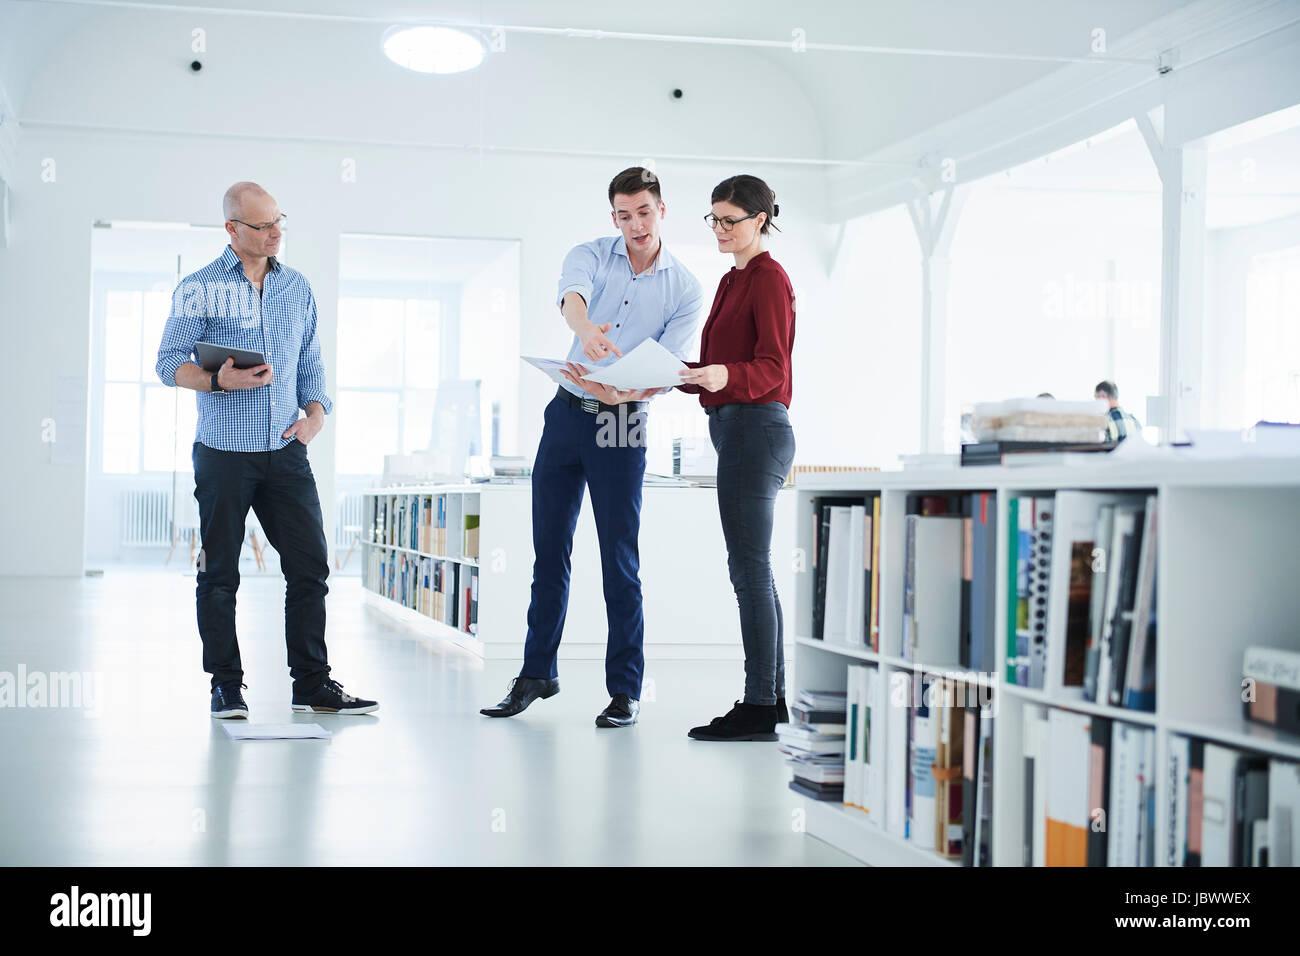 Kolleginnen und Kollegen diskutieren Schreibarbeit im Großraumbüro Stockbild